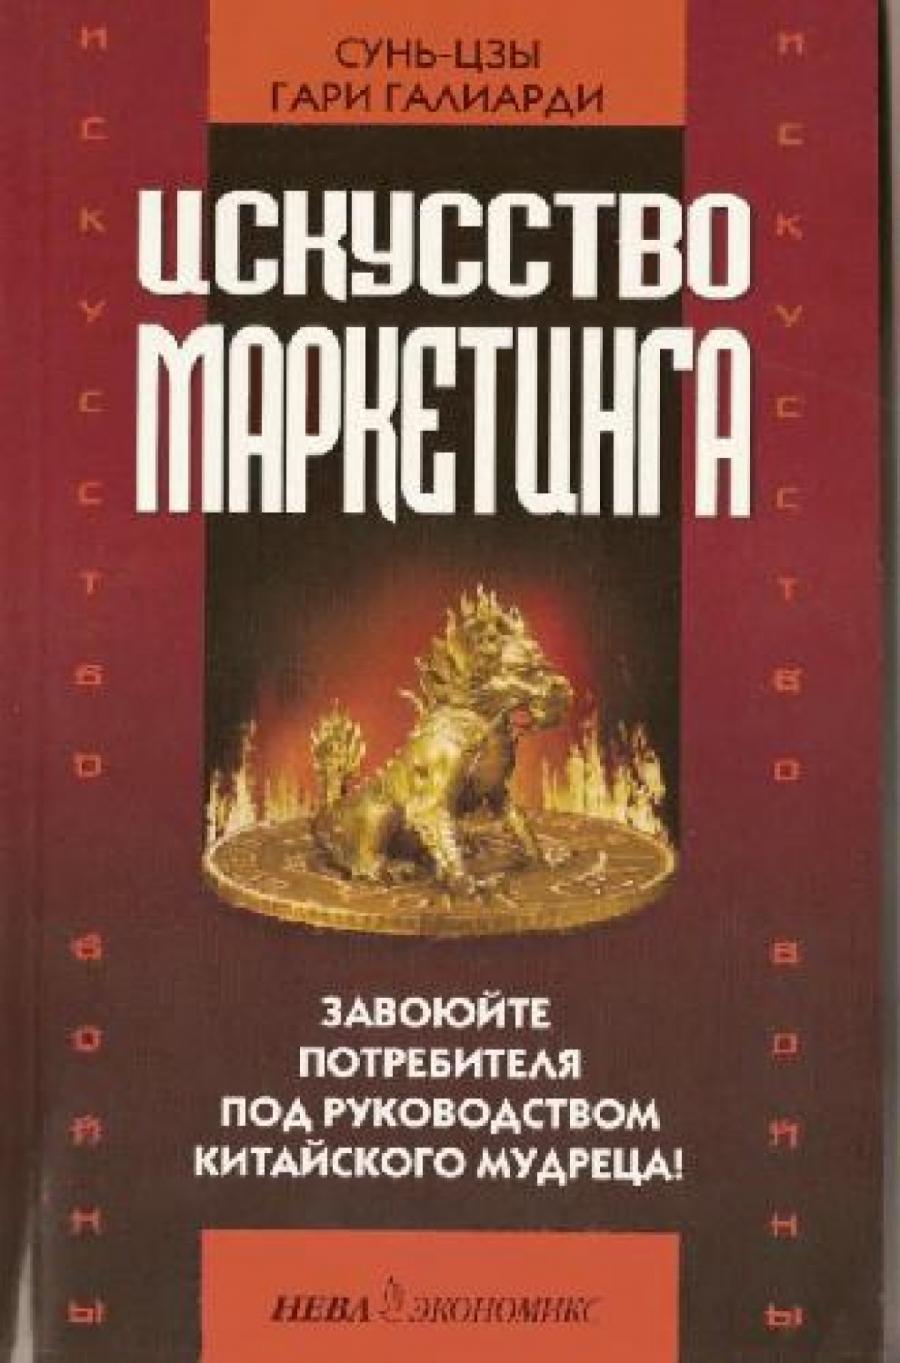 Обложка книги:  сунь-цзы, гари галиарди - искусство войны и искусство маркетинга